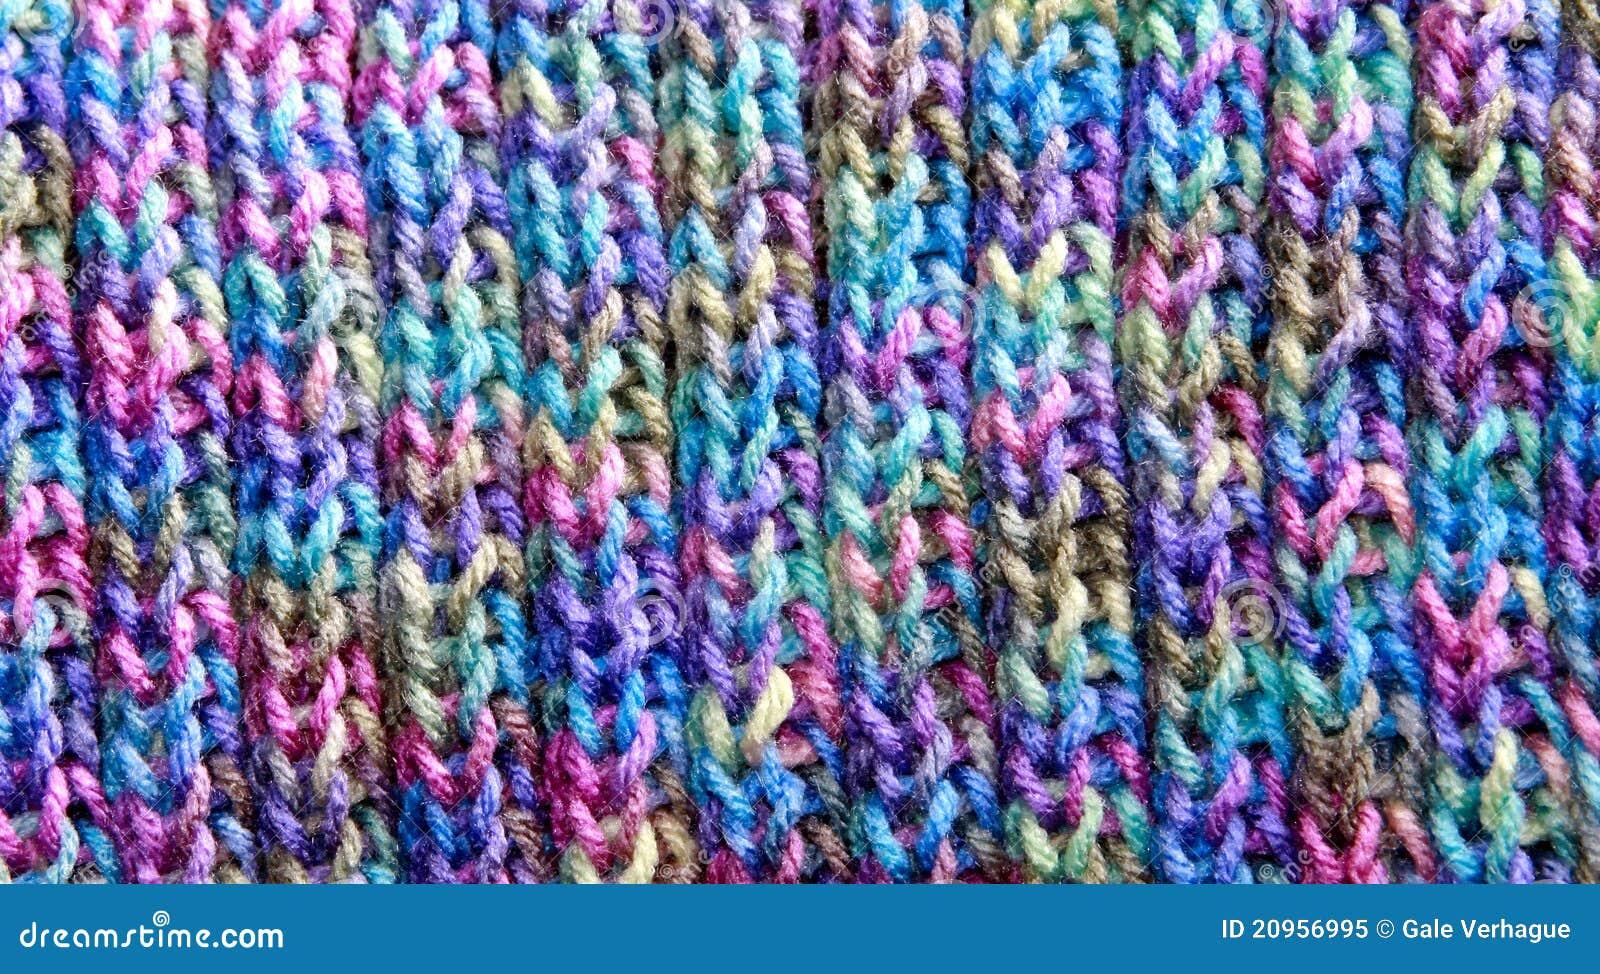 Colourful Knitting Patterns : Colorful Rib Stitch Knit Pattern Royalty Free Stock Photo - Image: 20956995